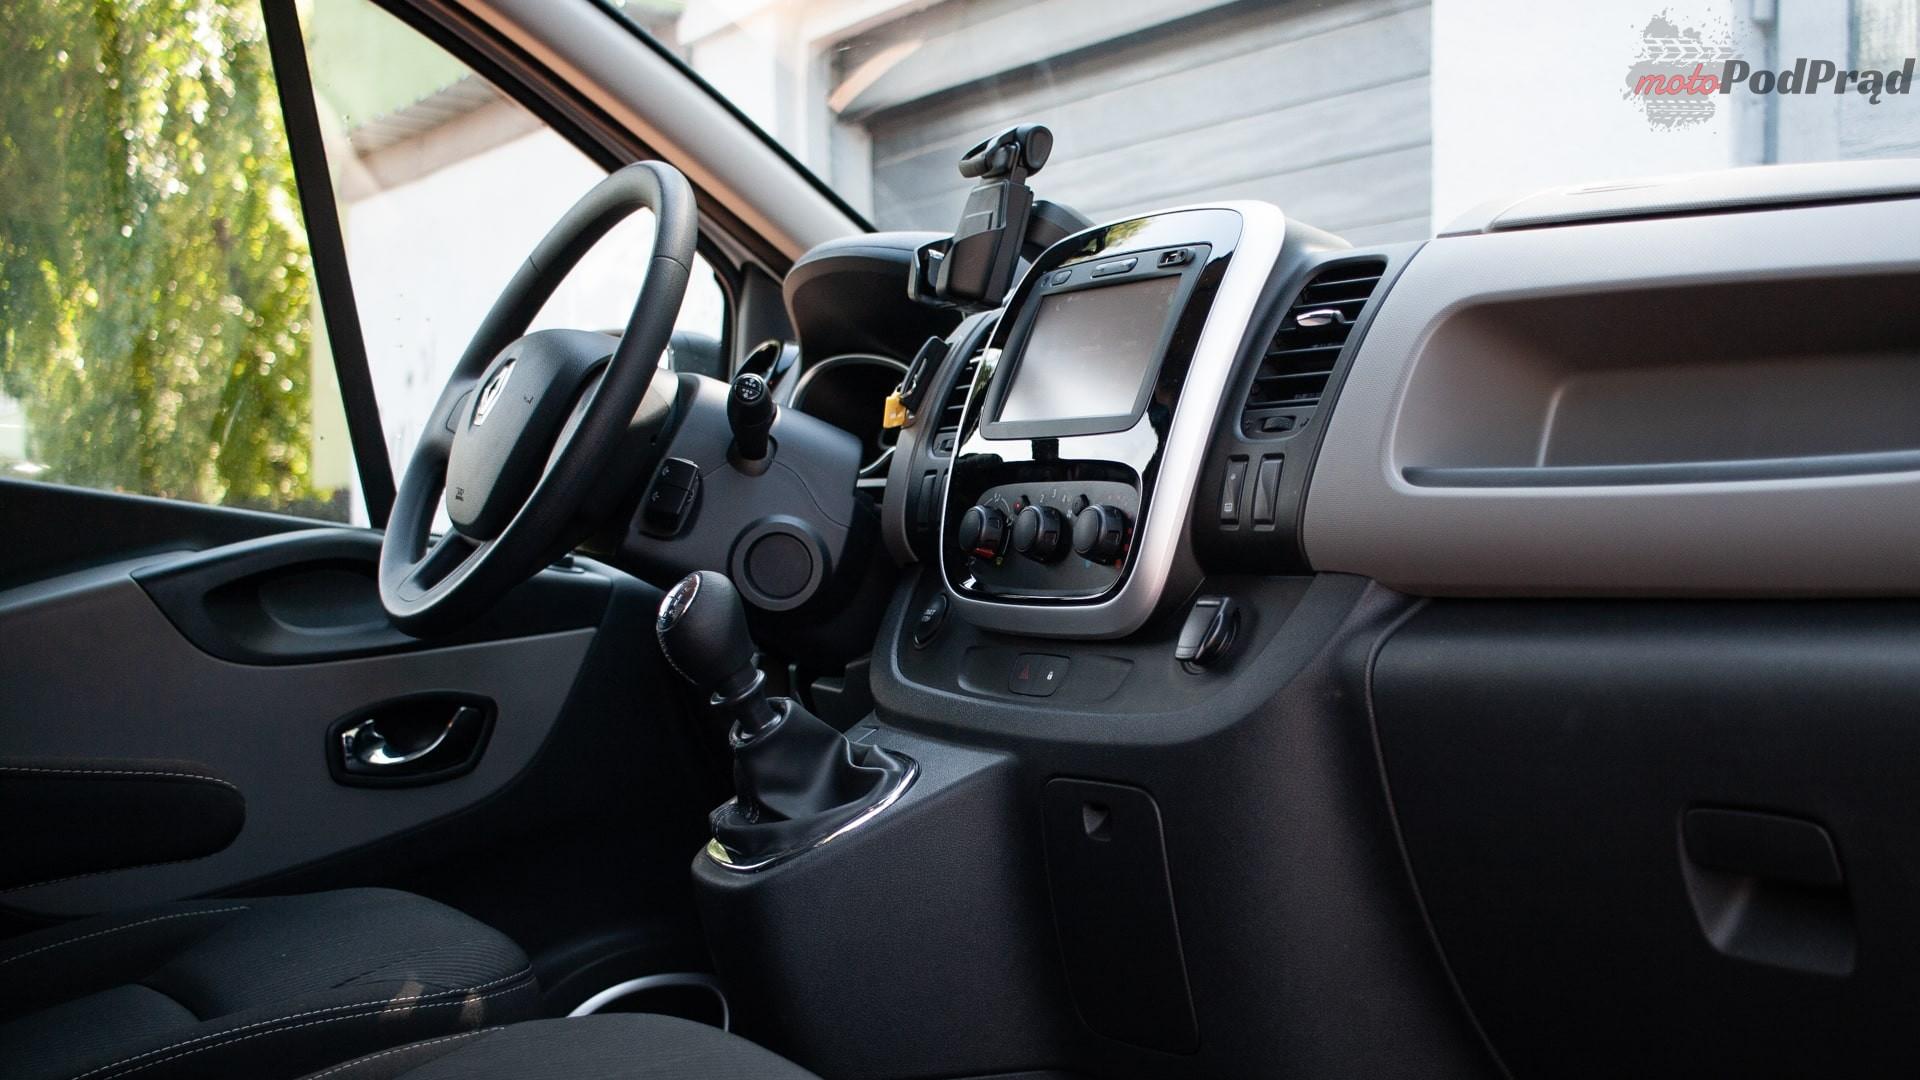 renault trafic 4 Test: Renault Trafic furgon z zabudową Renault Tech – mobilny serwis